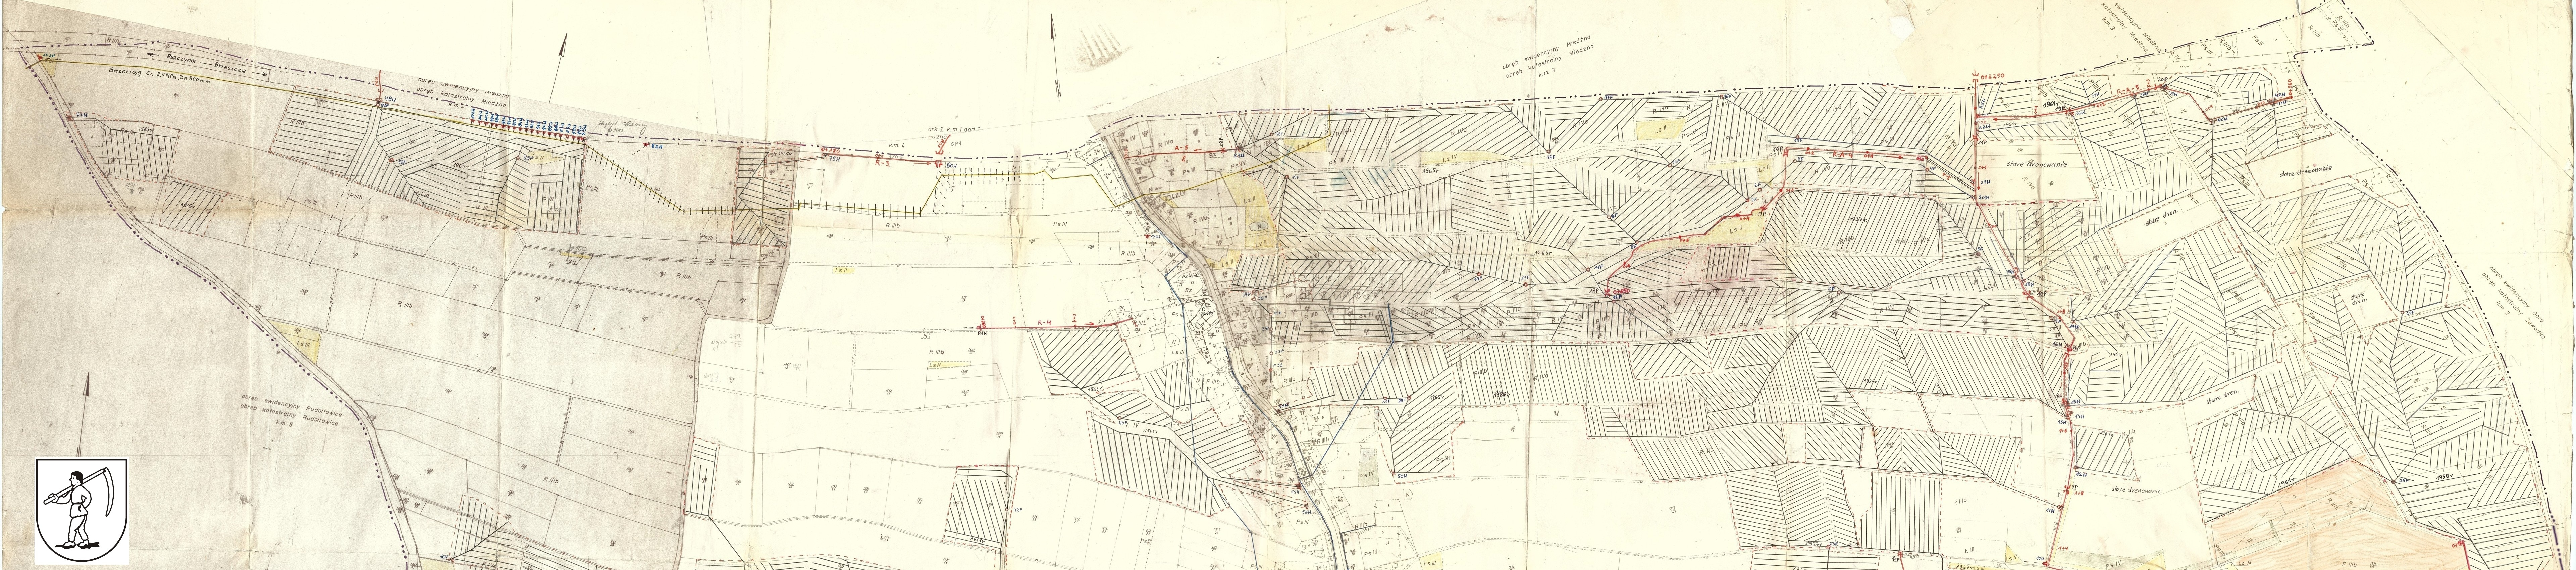 sołectwo Grzawa, mapa drenarki grzawaz 1